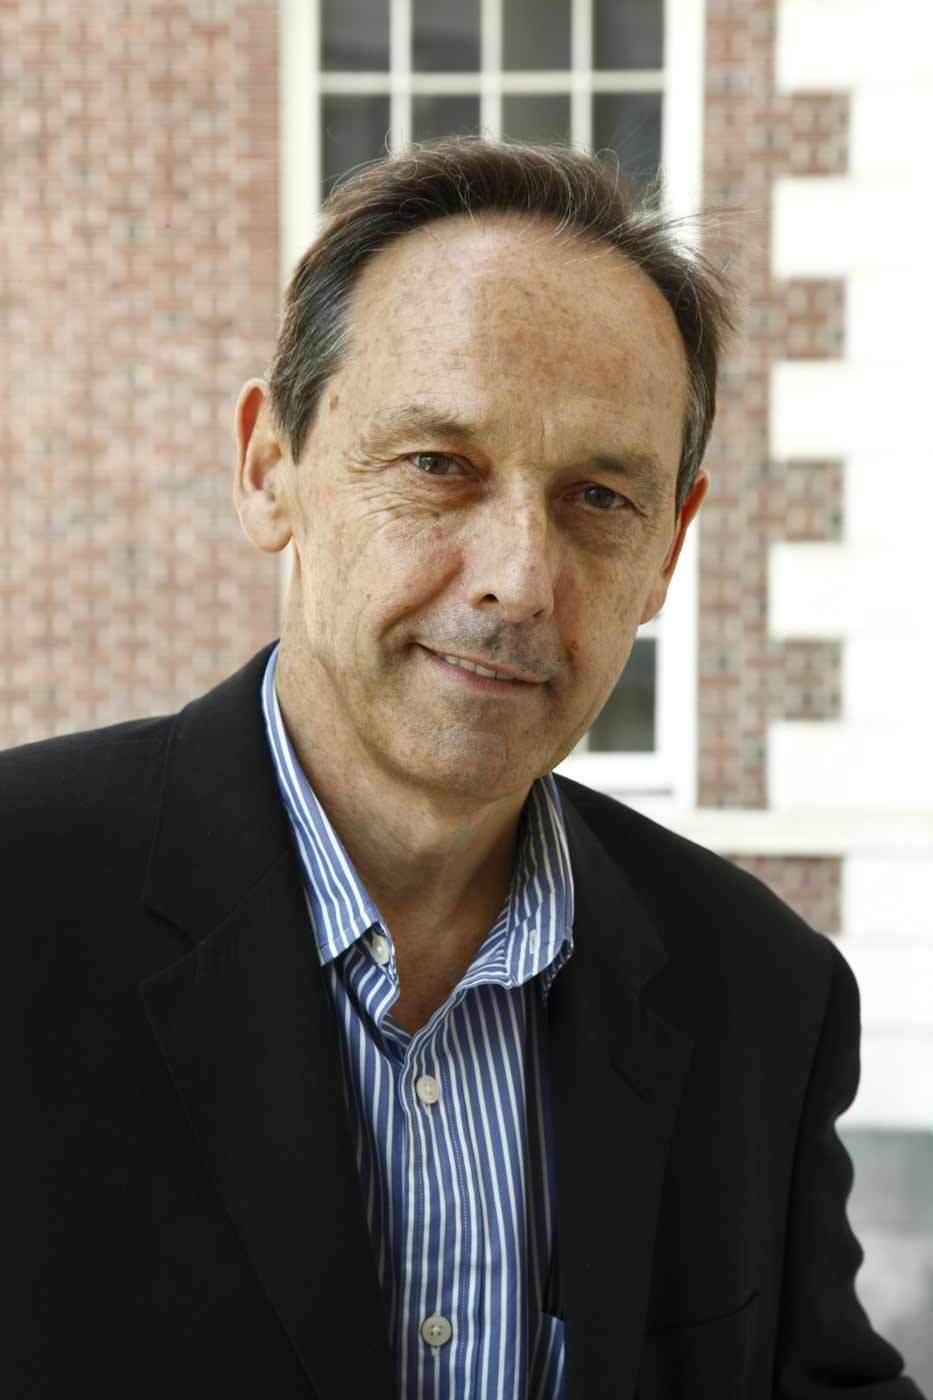 David Burney. Courtesy of AIA NY.